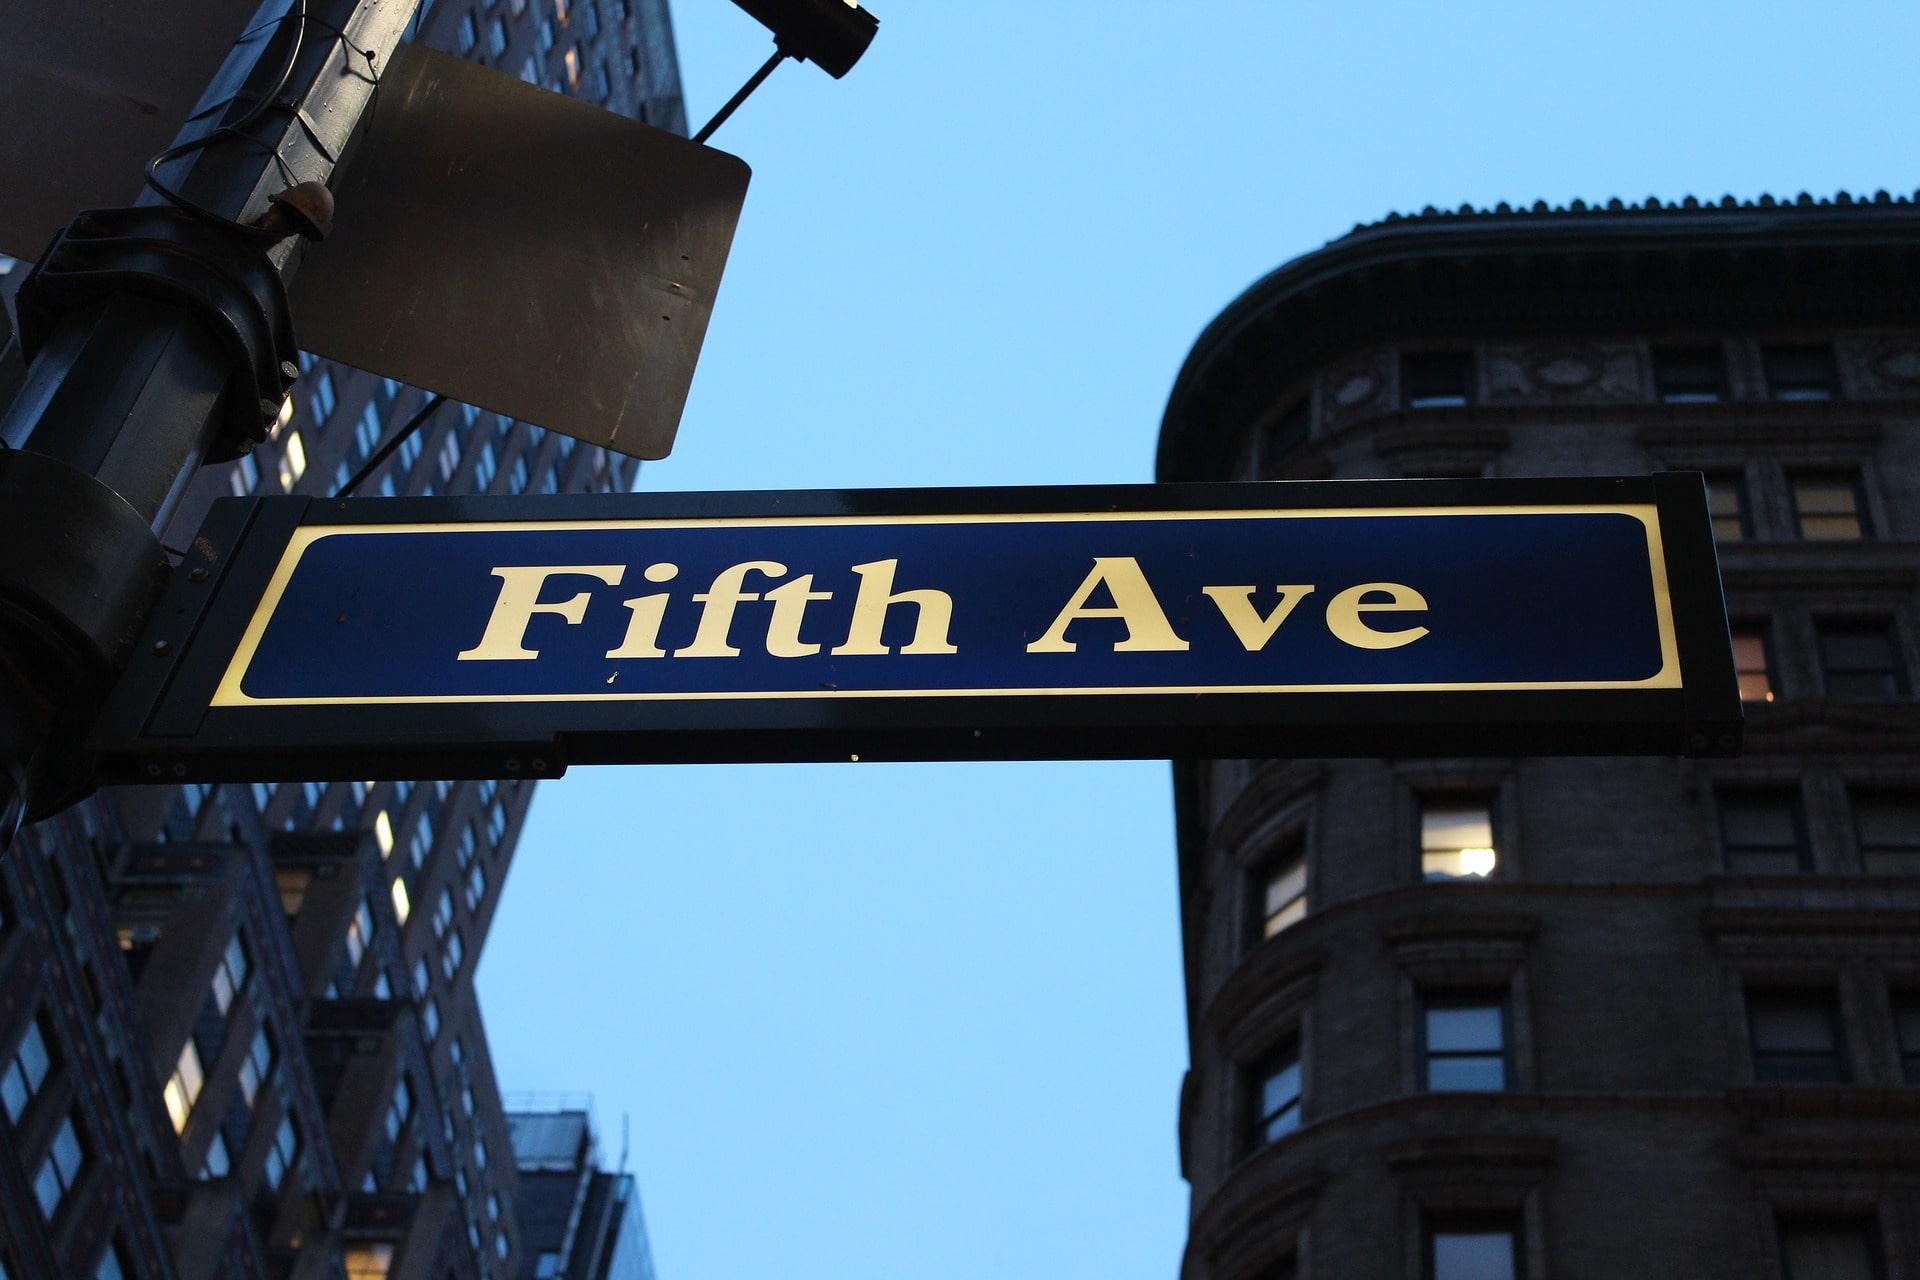 Відсутність артикля в назвах вулиць в англійському